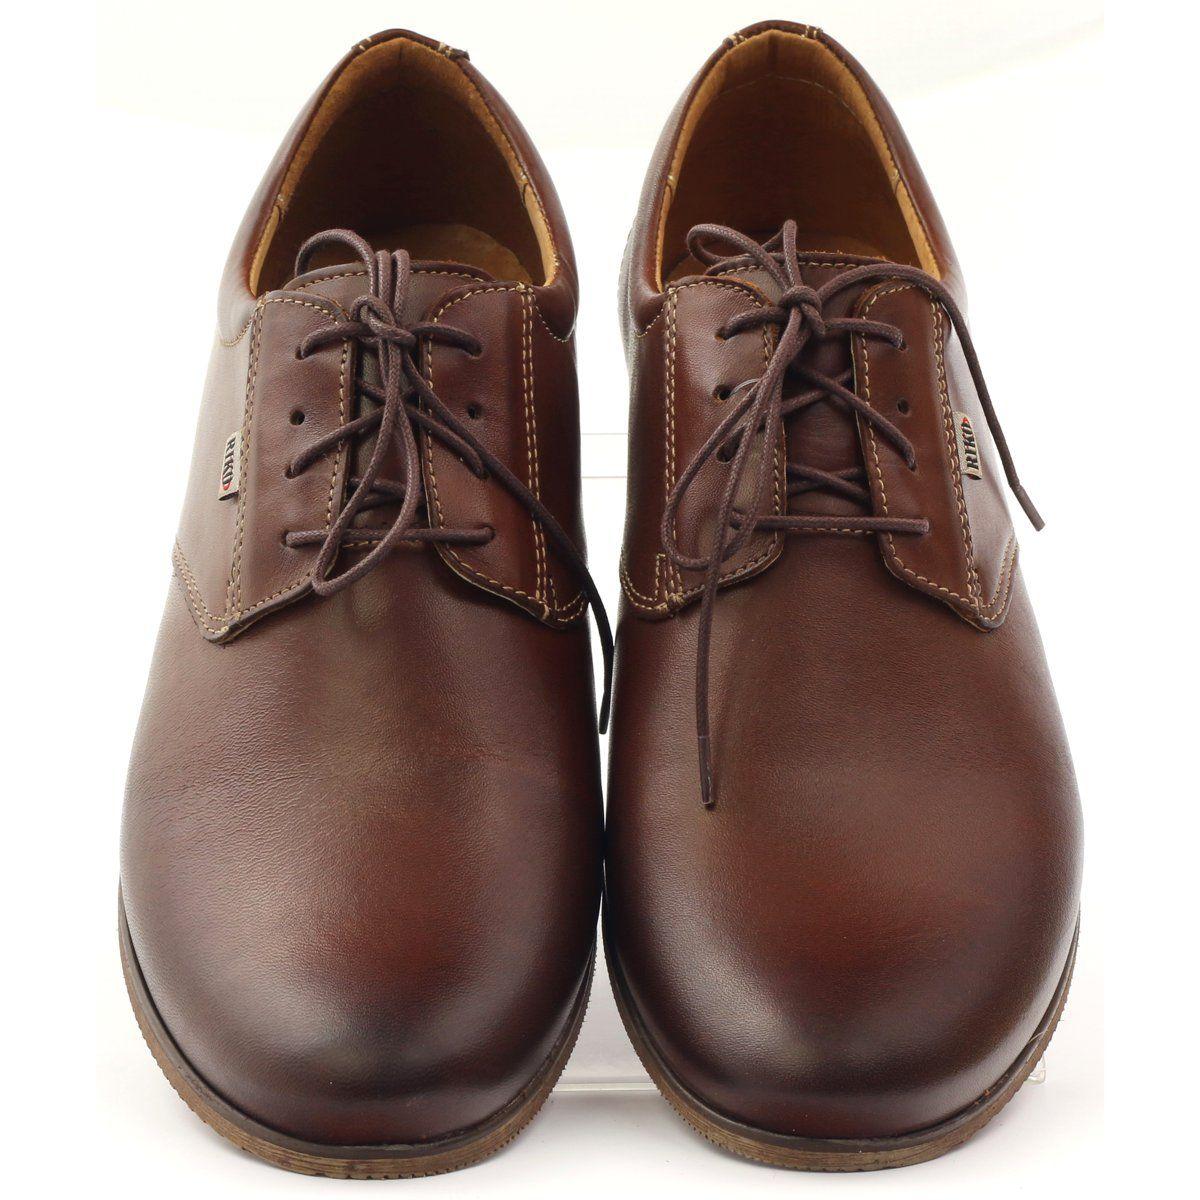 Polbuty Meskie Riko Polbuty Casual Riko 777 Brazowe Dress Shoes Men Oxford Shoes Dress Shoes